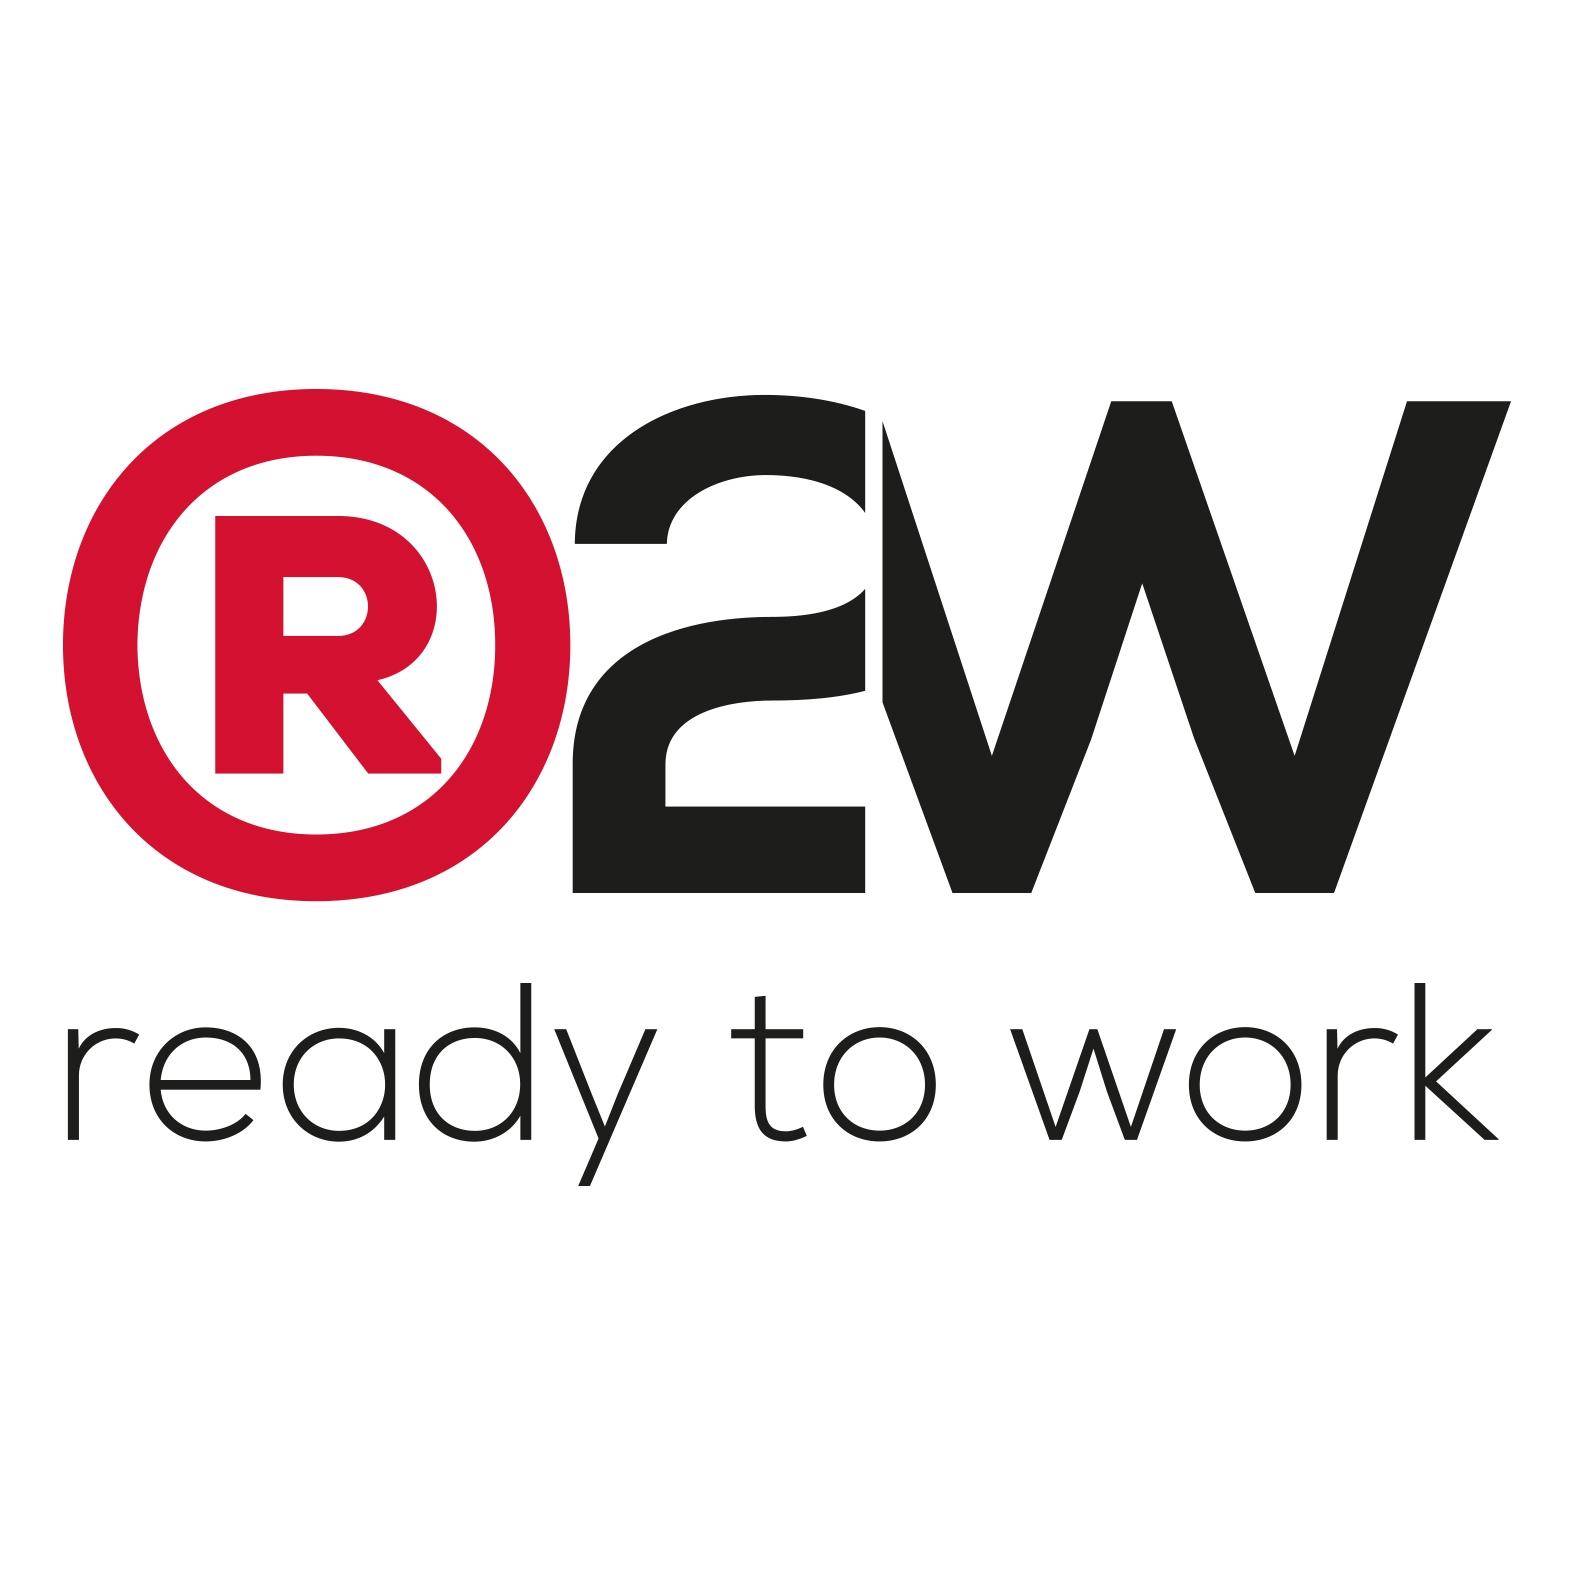 R2W ready to work